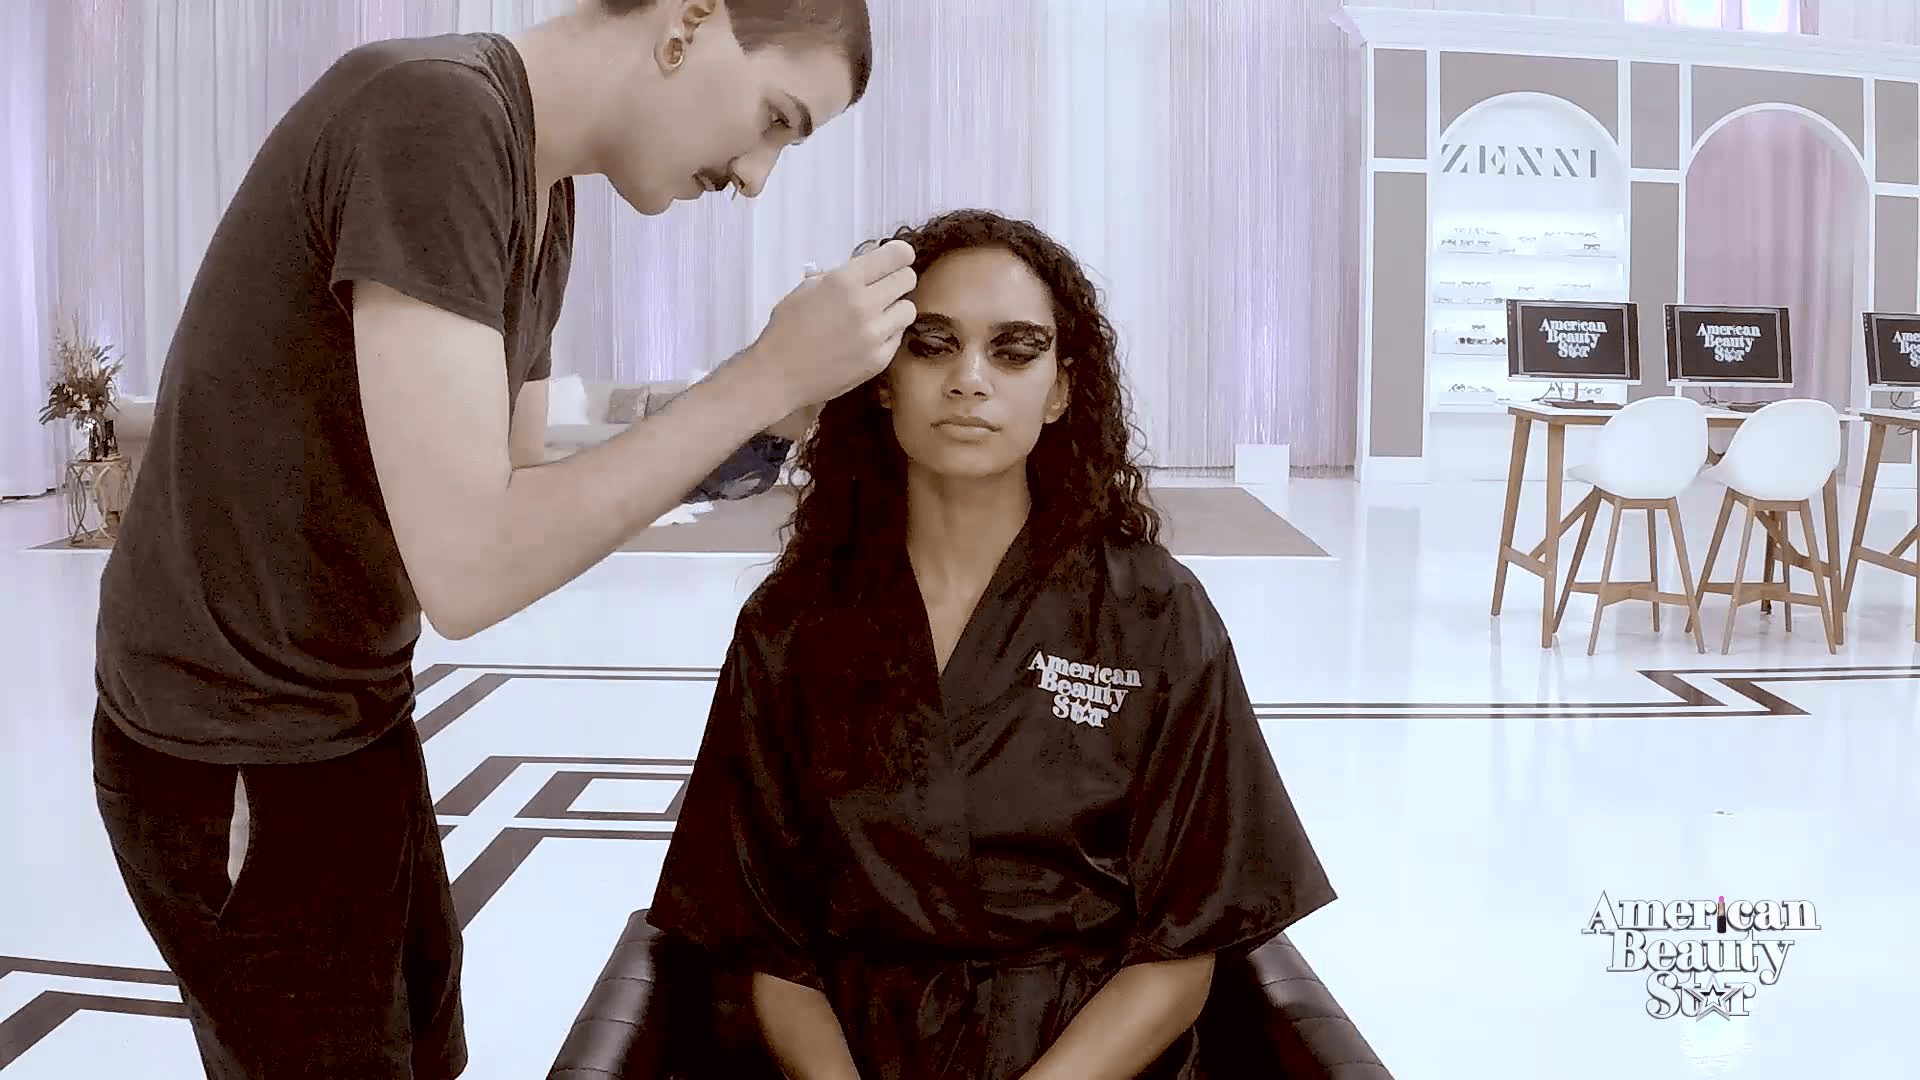 Season 2 American Beauty Star: Watch Online | Full Episodes, Clips